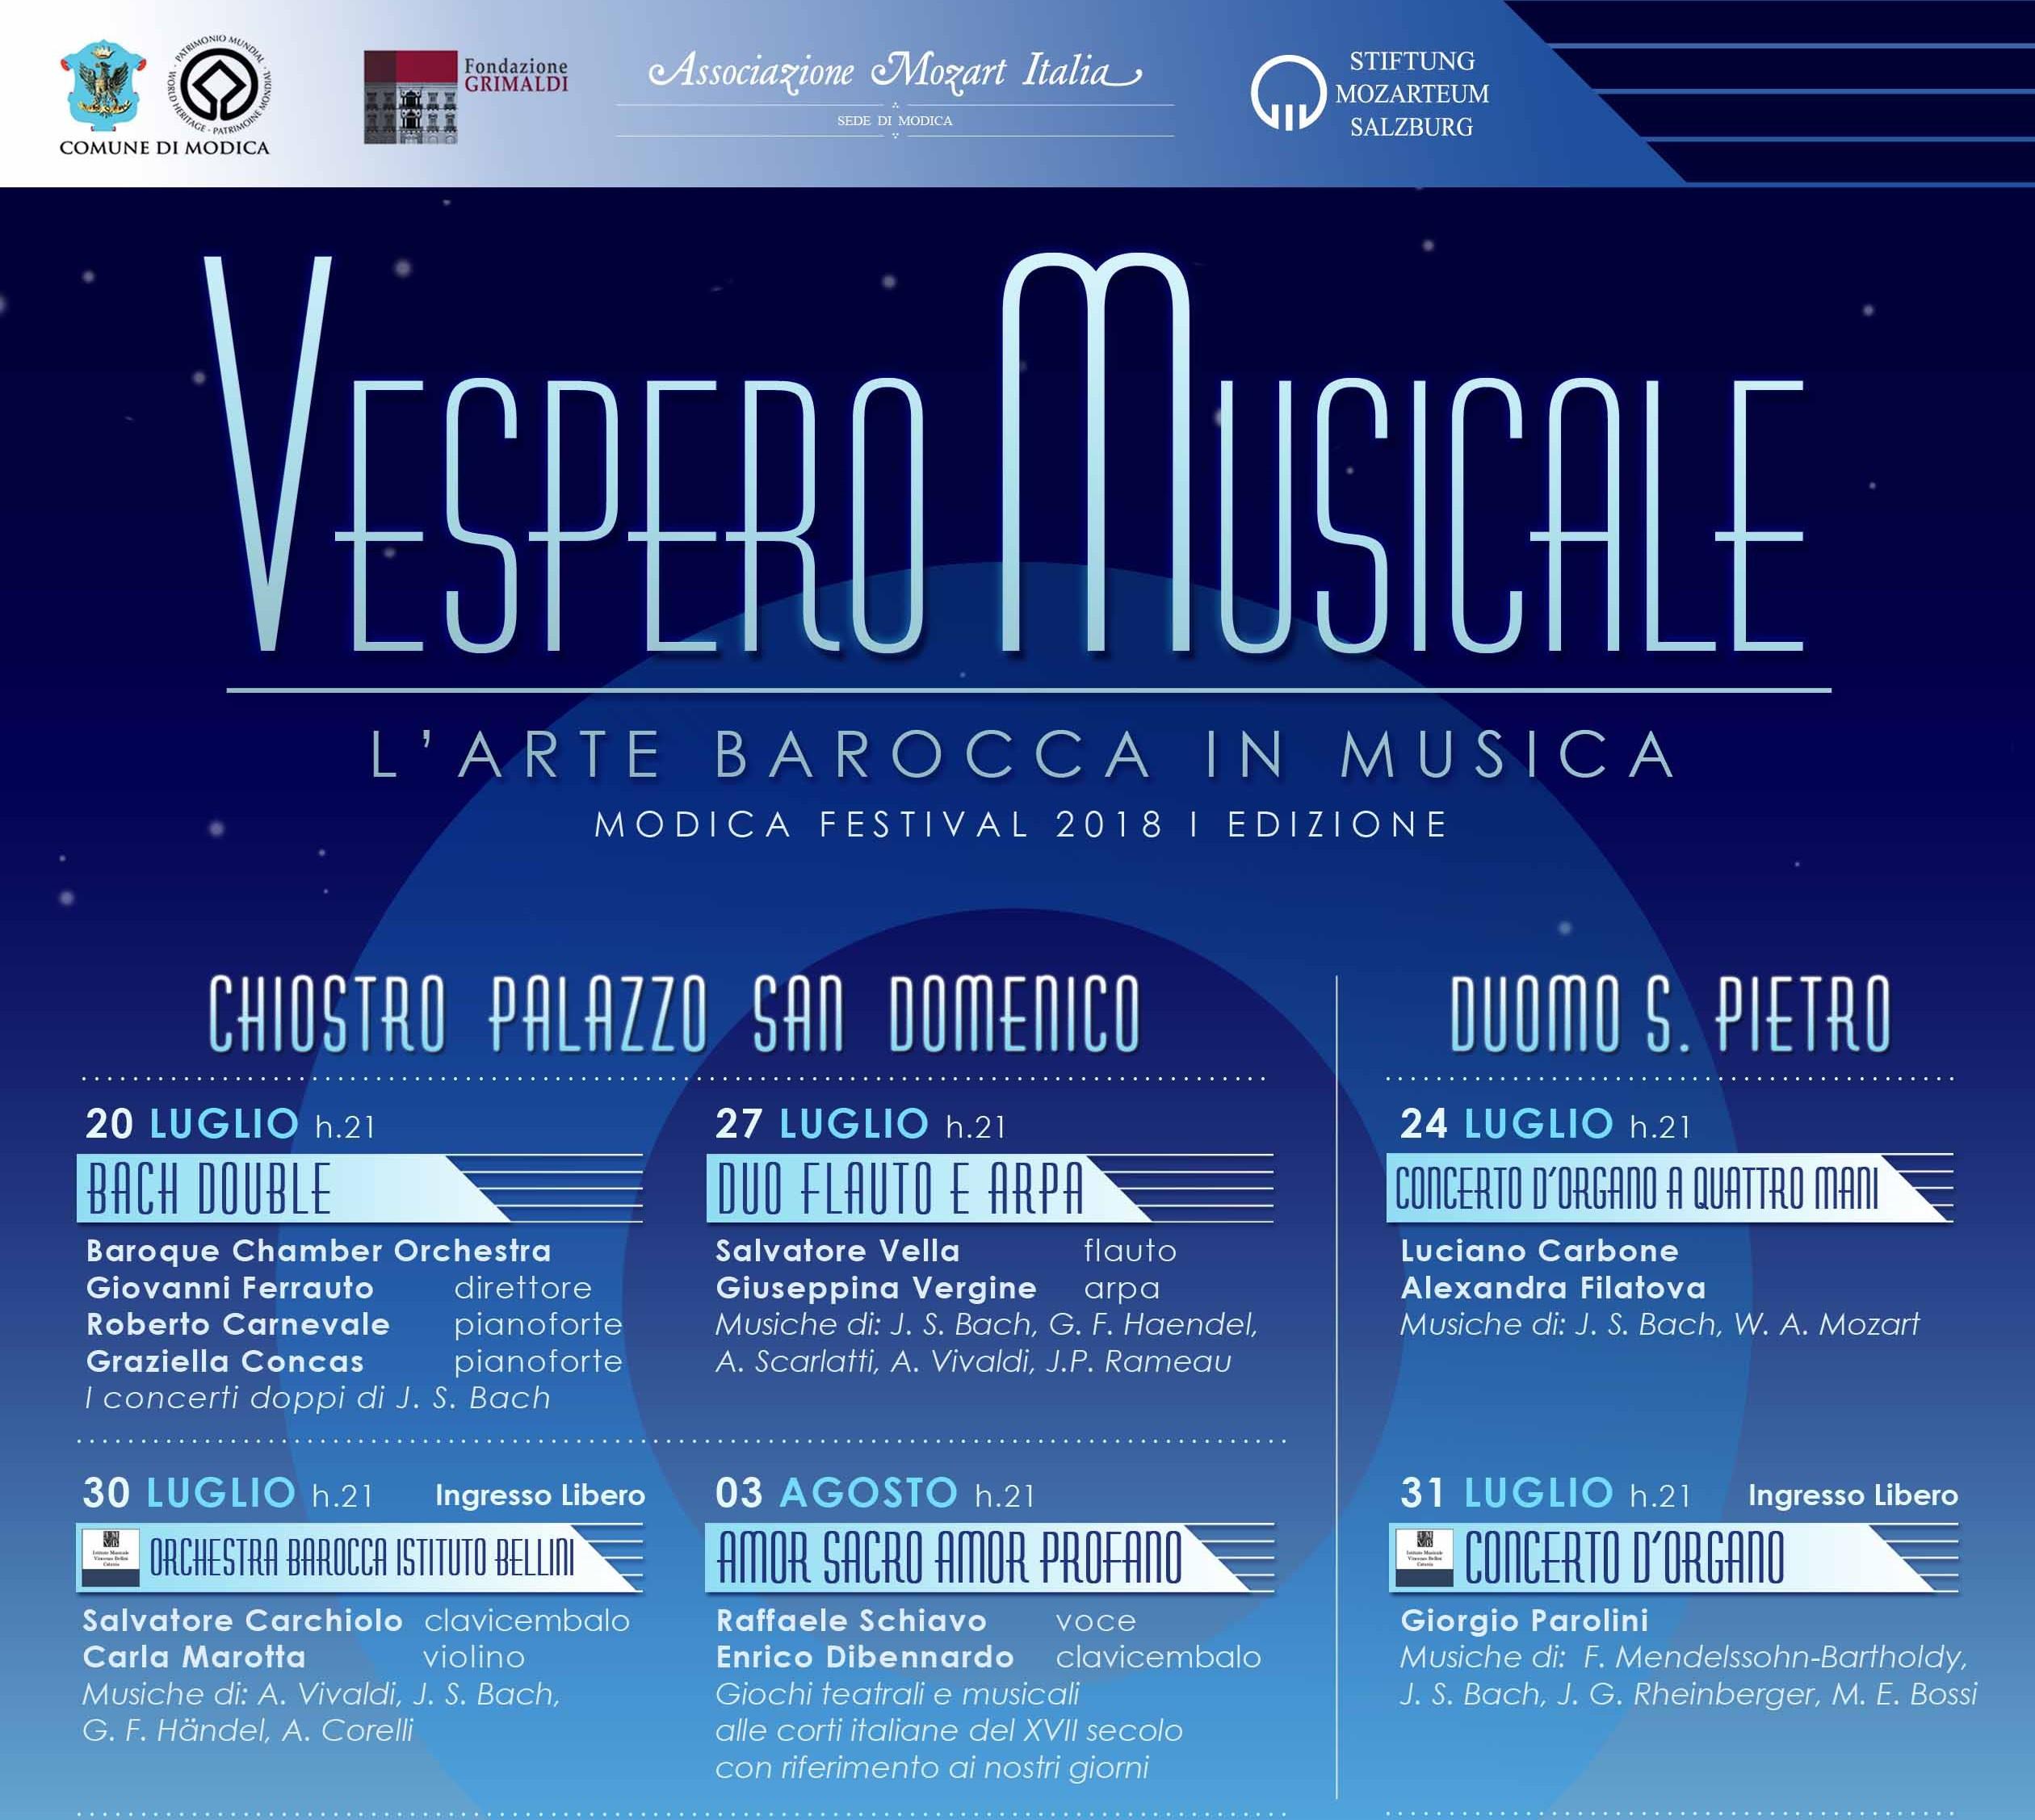 Modica, vespero musicale: festival dell'arte barocca fino al 25 agosto